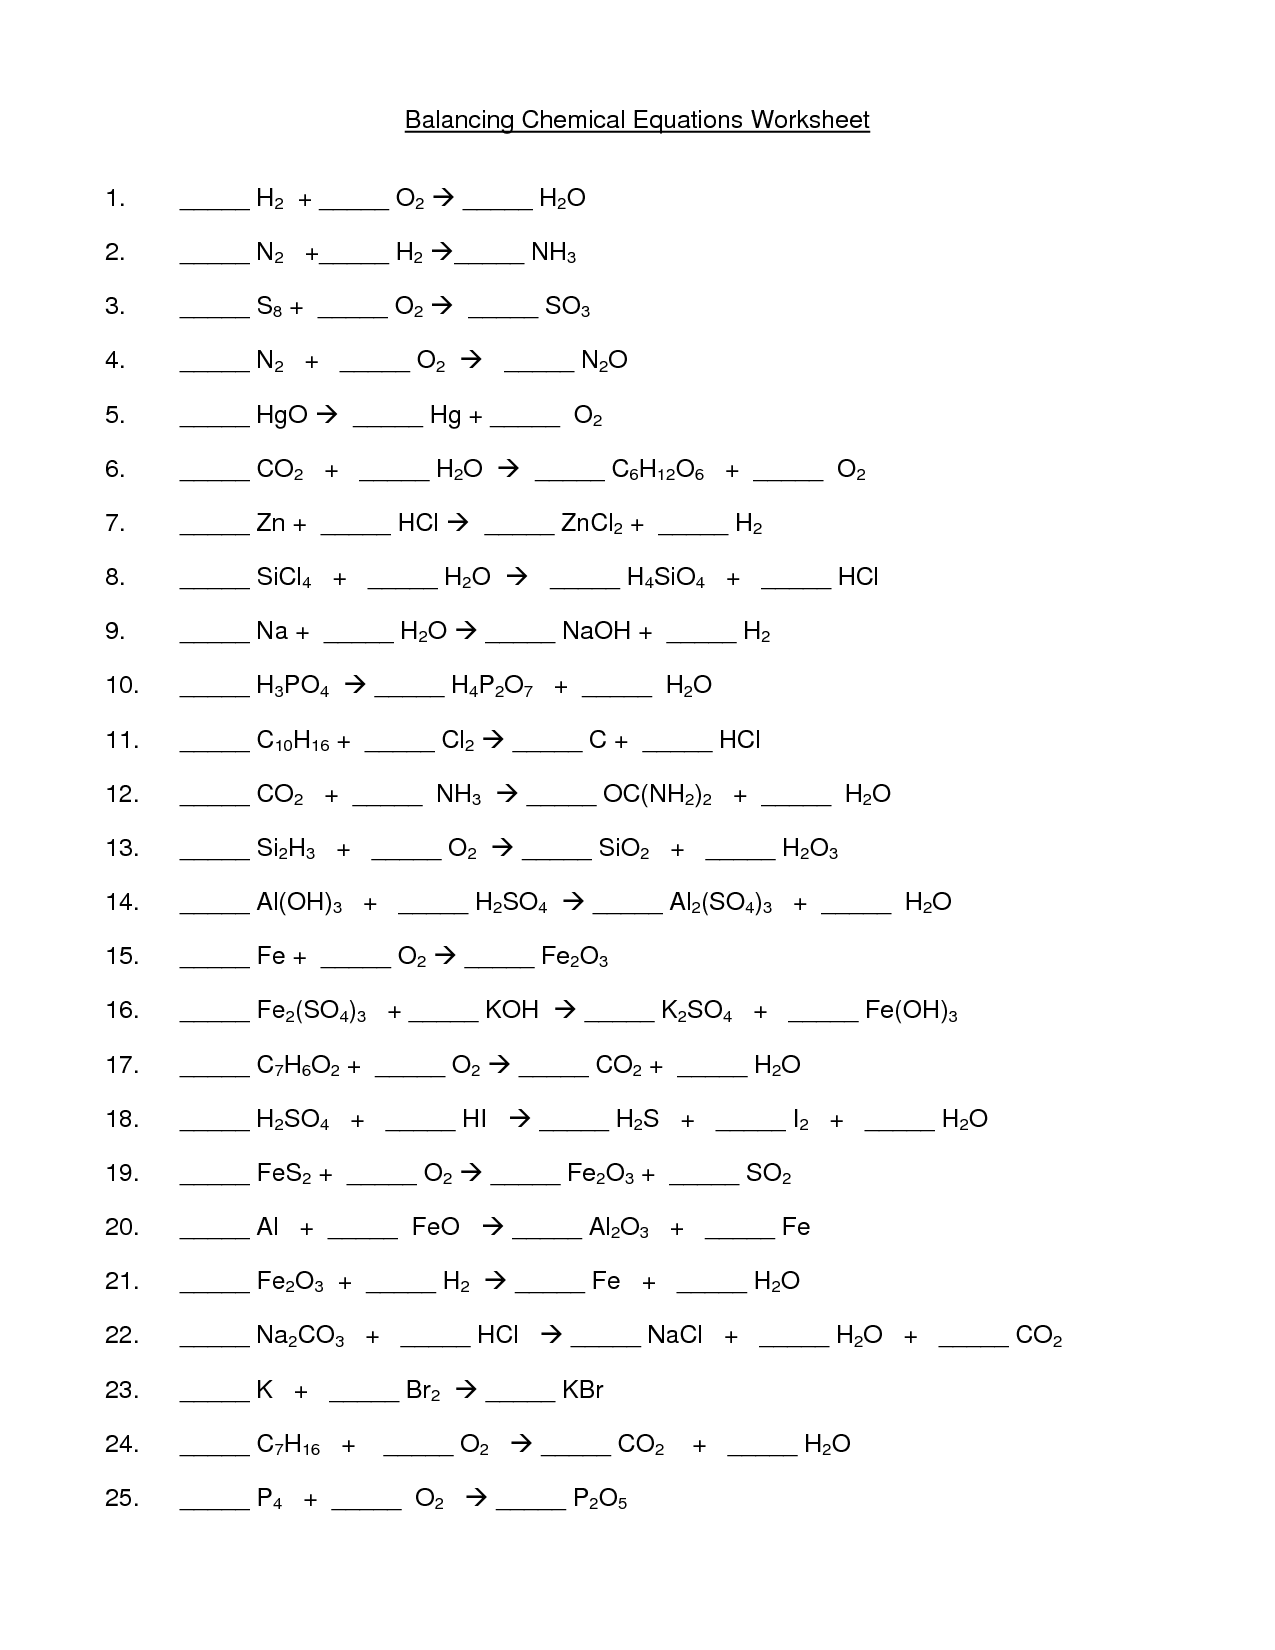 Balancing Equations Worksheet Fe H2so4 1154772